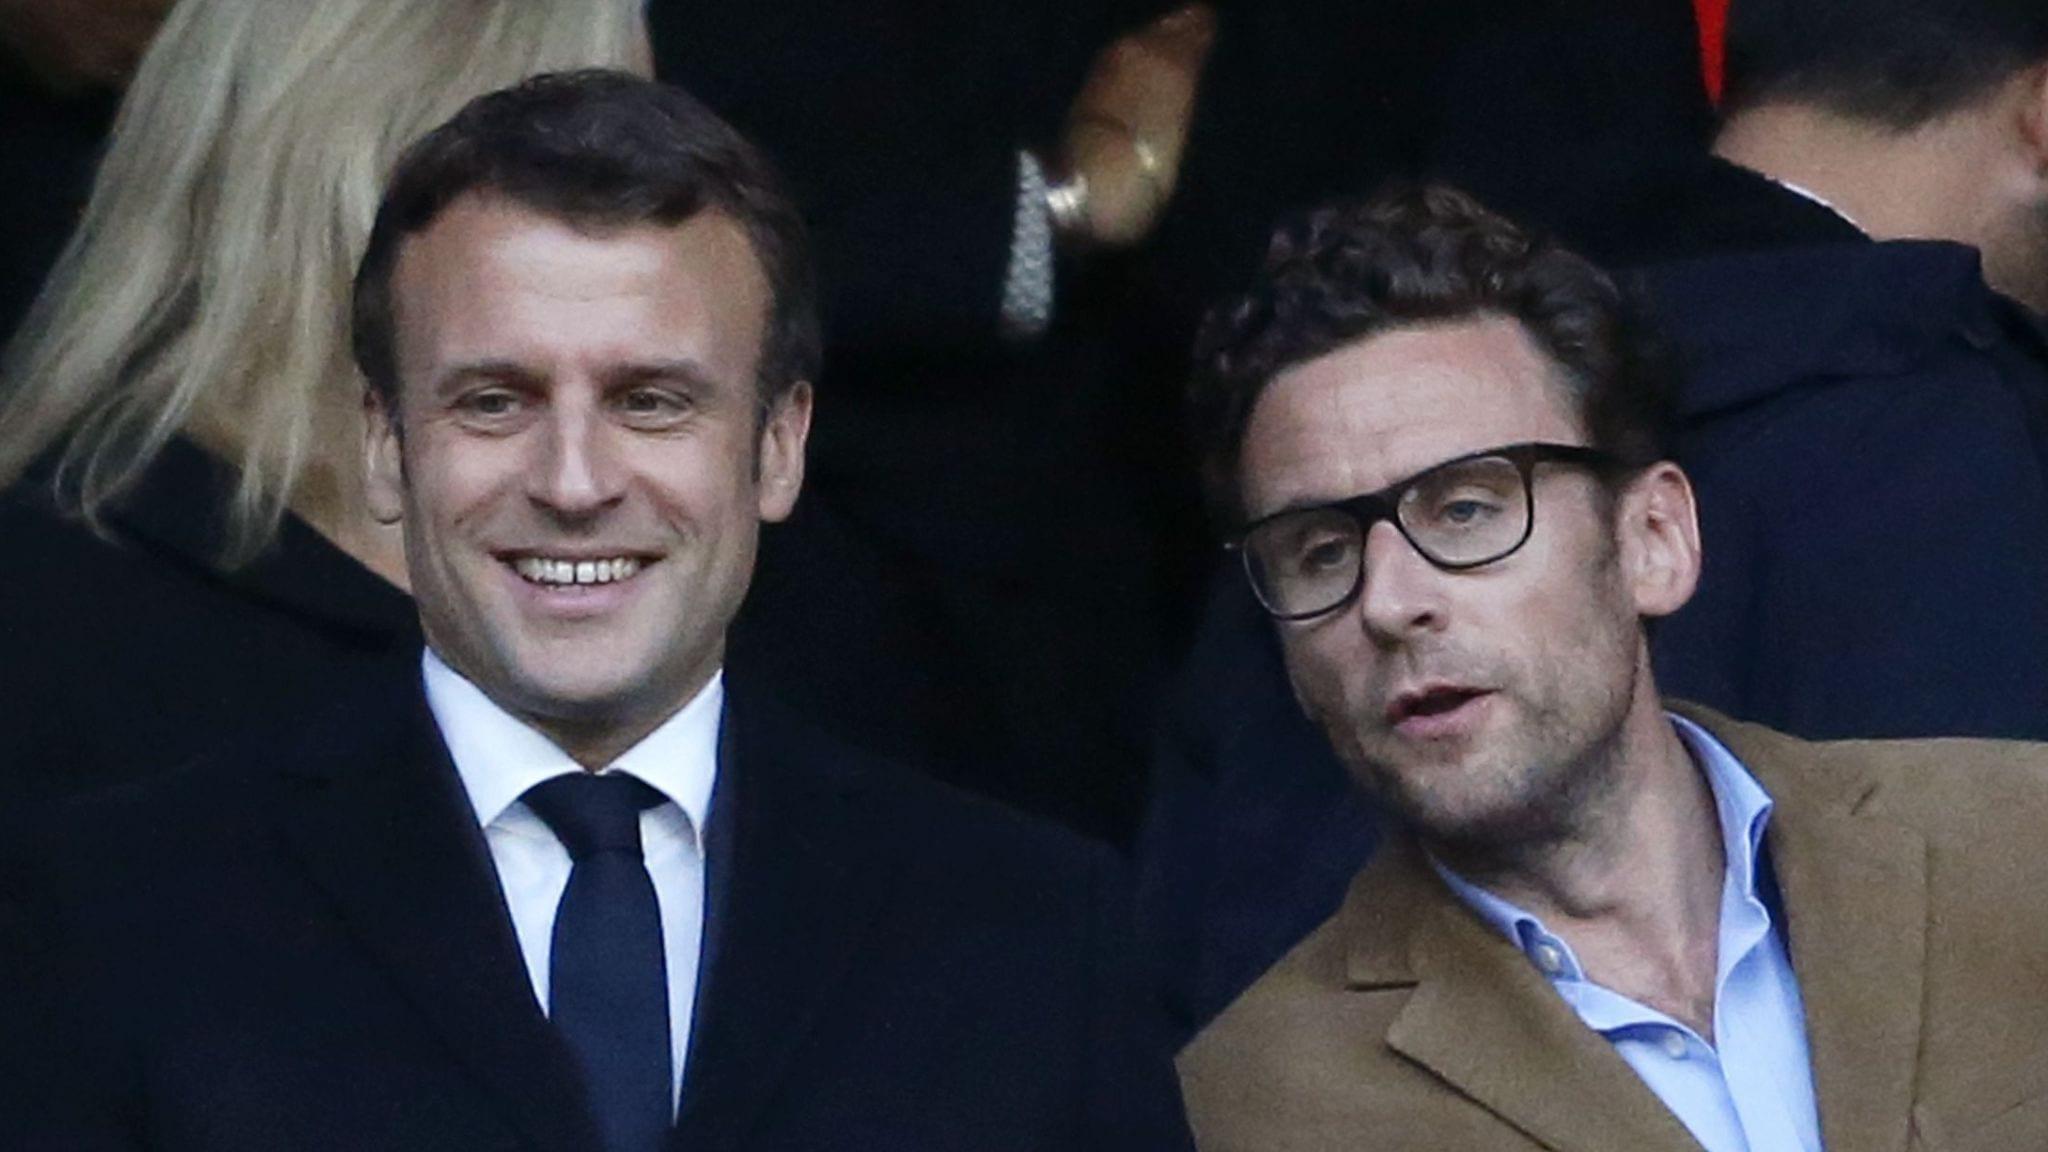 La ressemblance entre Emmanuel Macron et son petit frèreestsurprenante(photo)